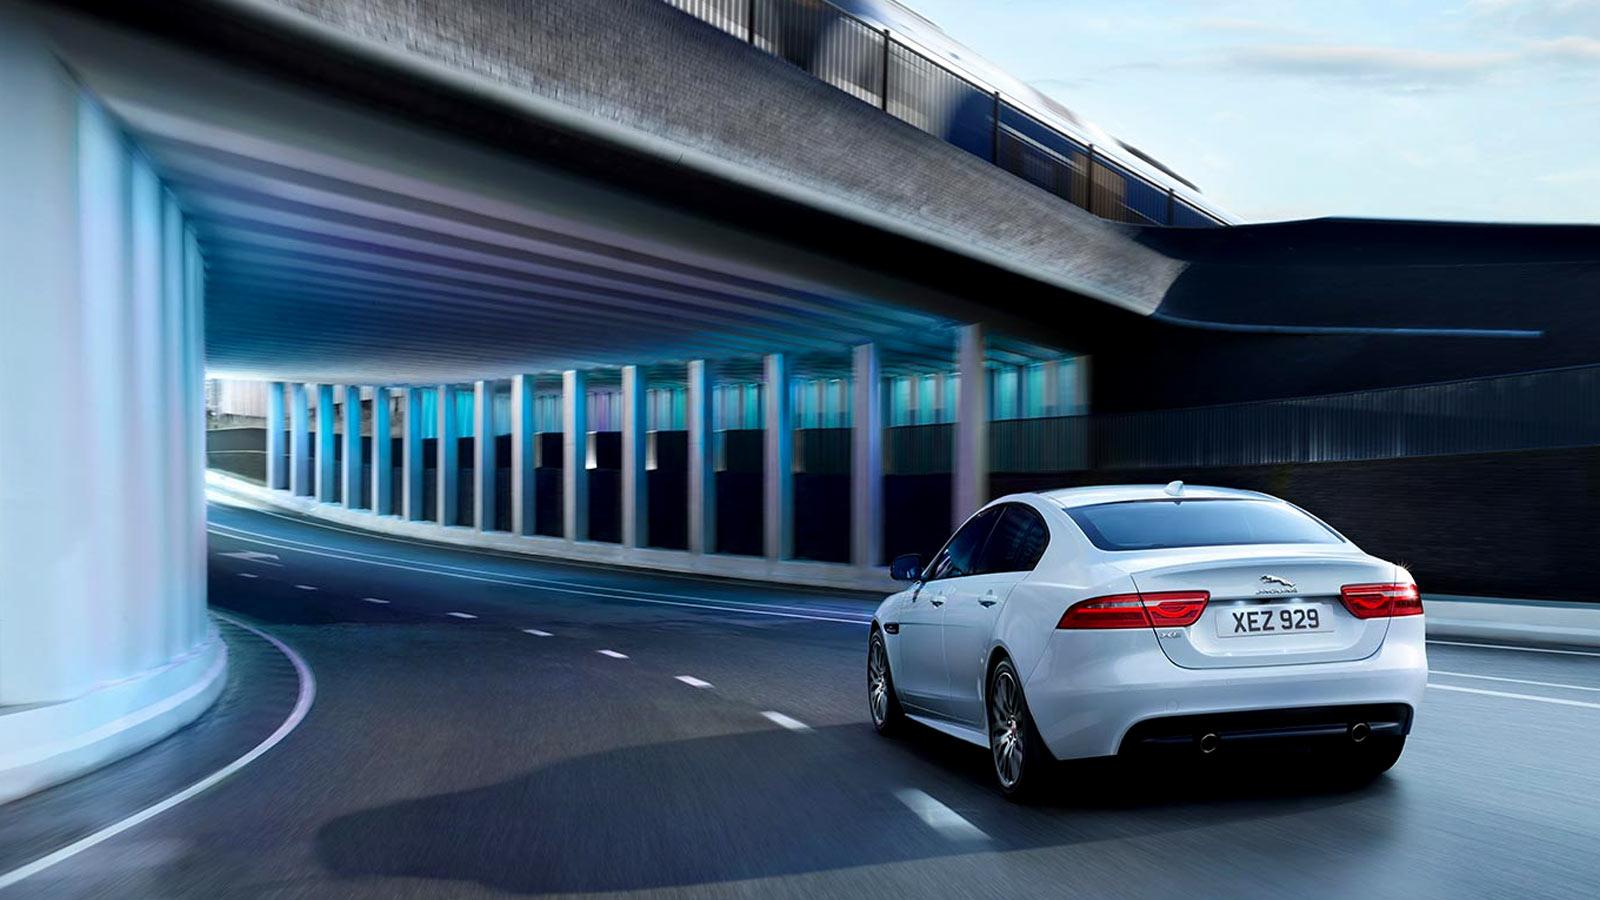 Jaguar XE 2.0d R-Dynamic HSE image 14